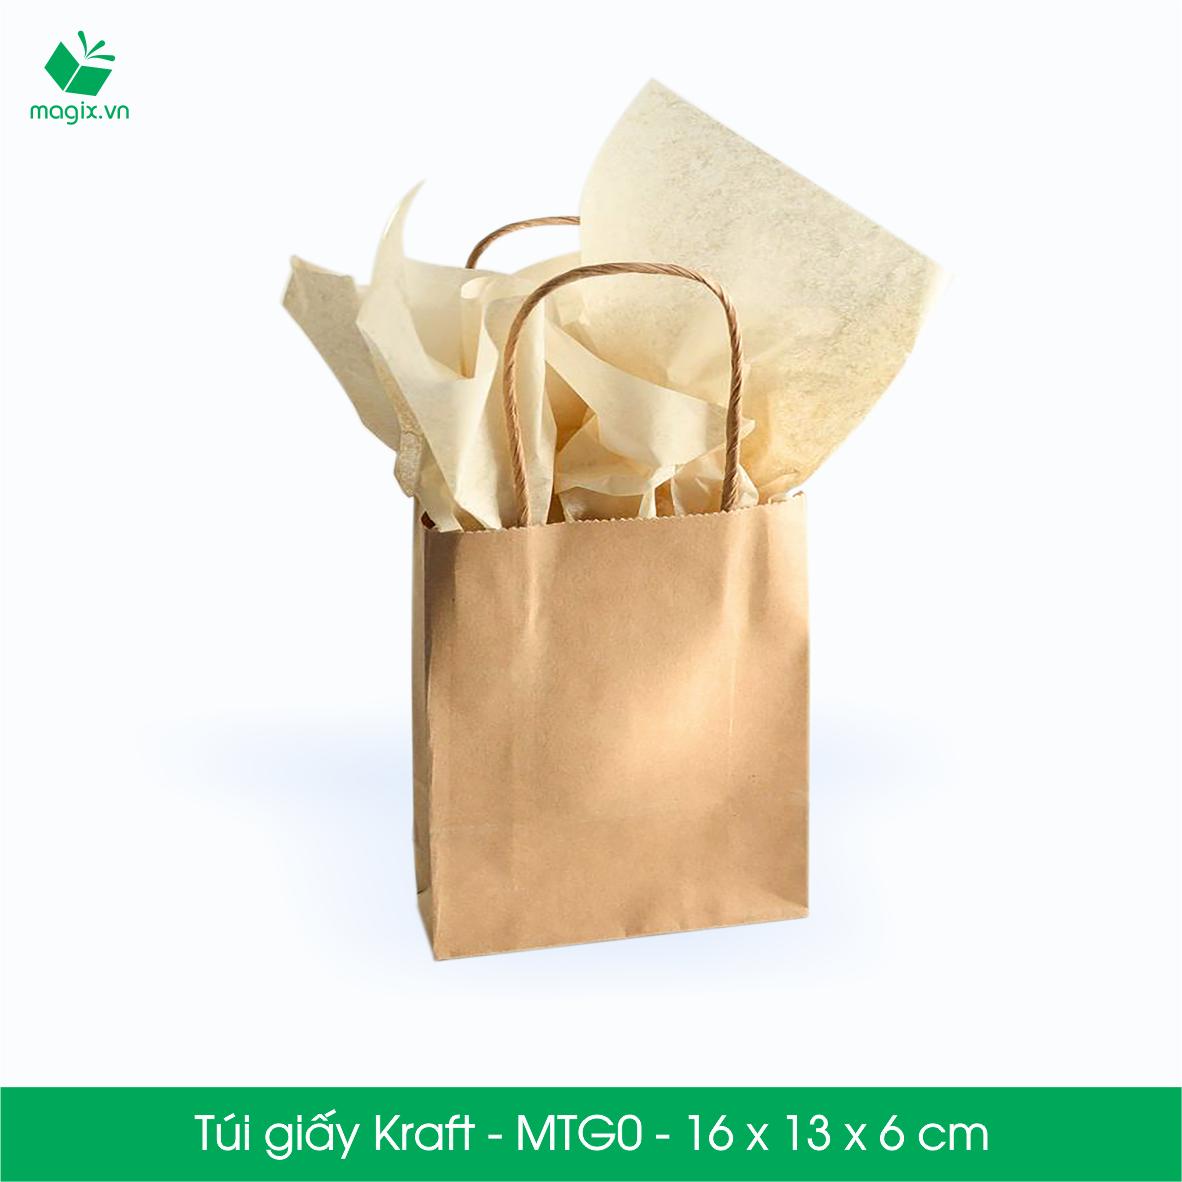 Túi giấy kraft thân thiện với môi trường lẫn sức khỏe người dùng